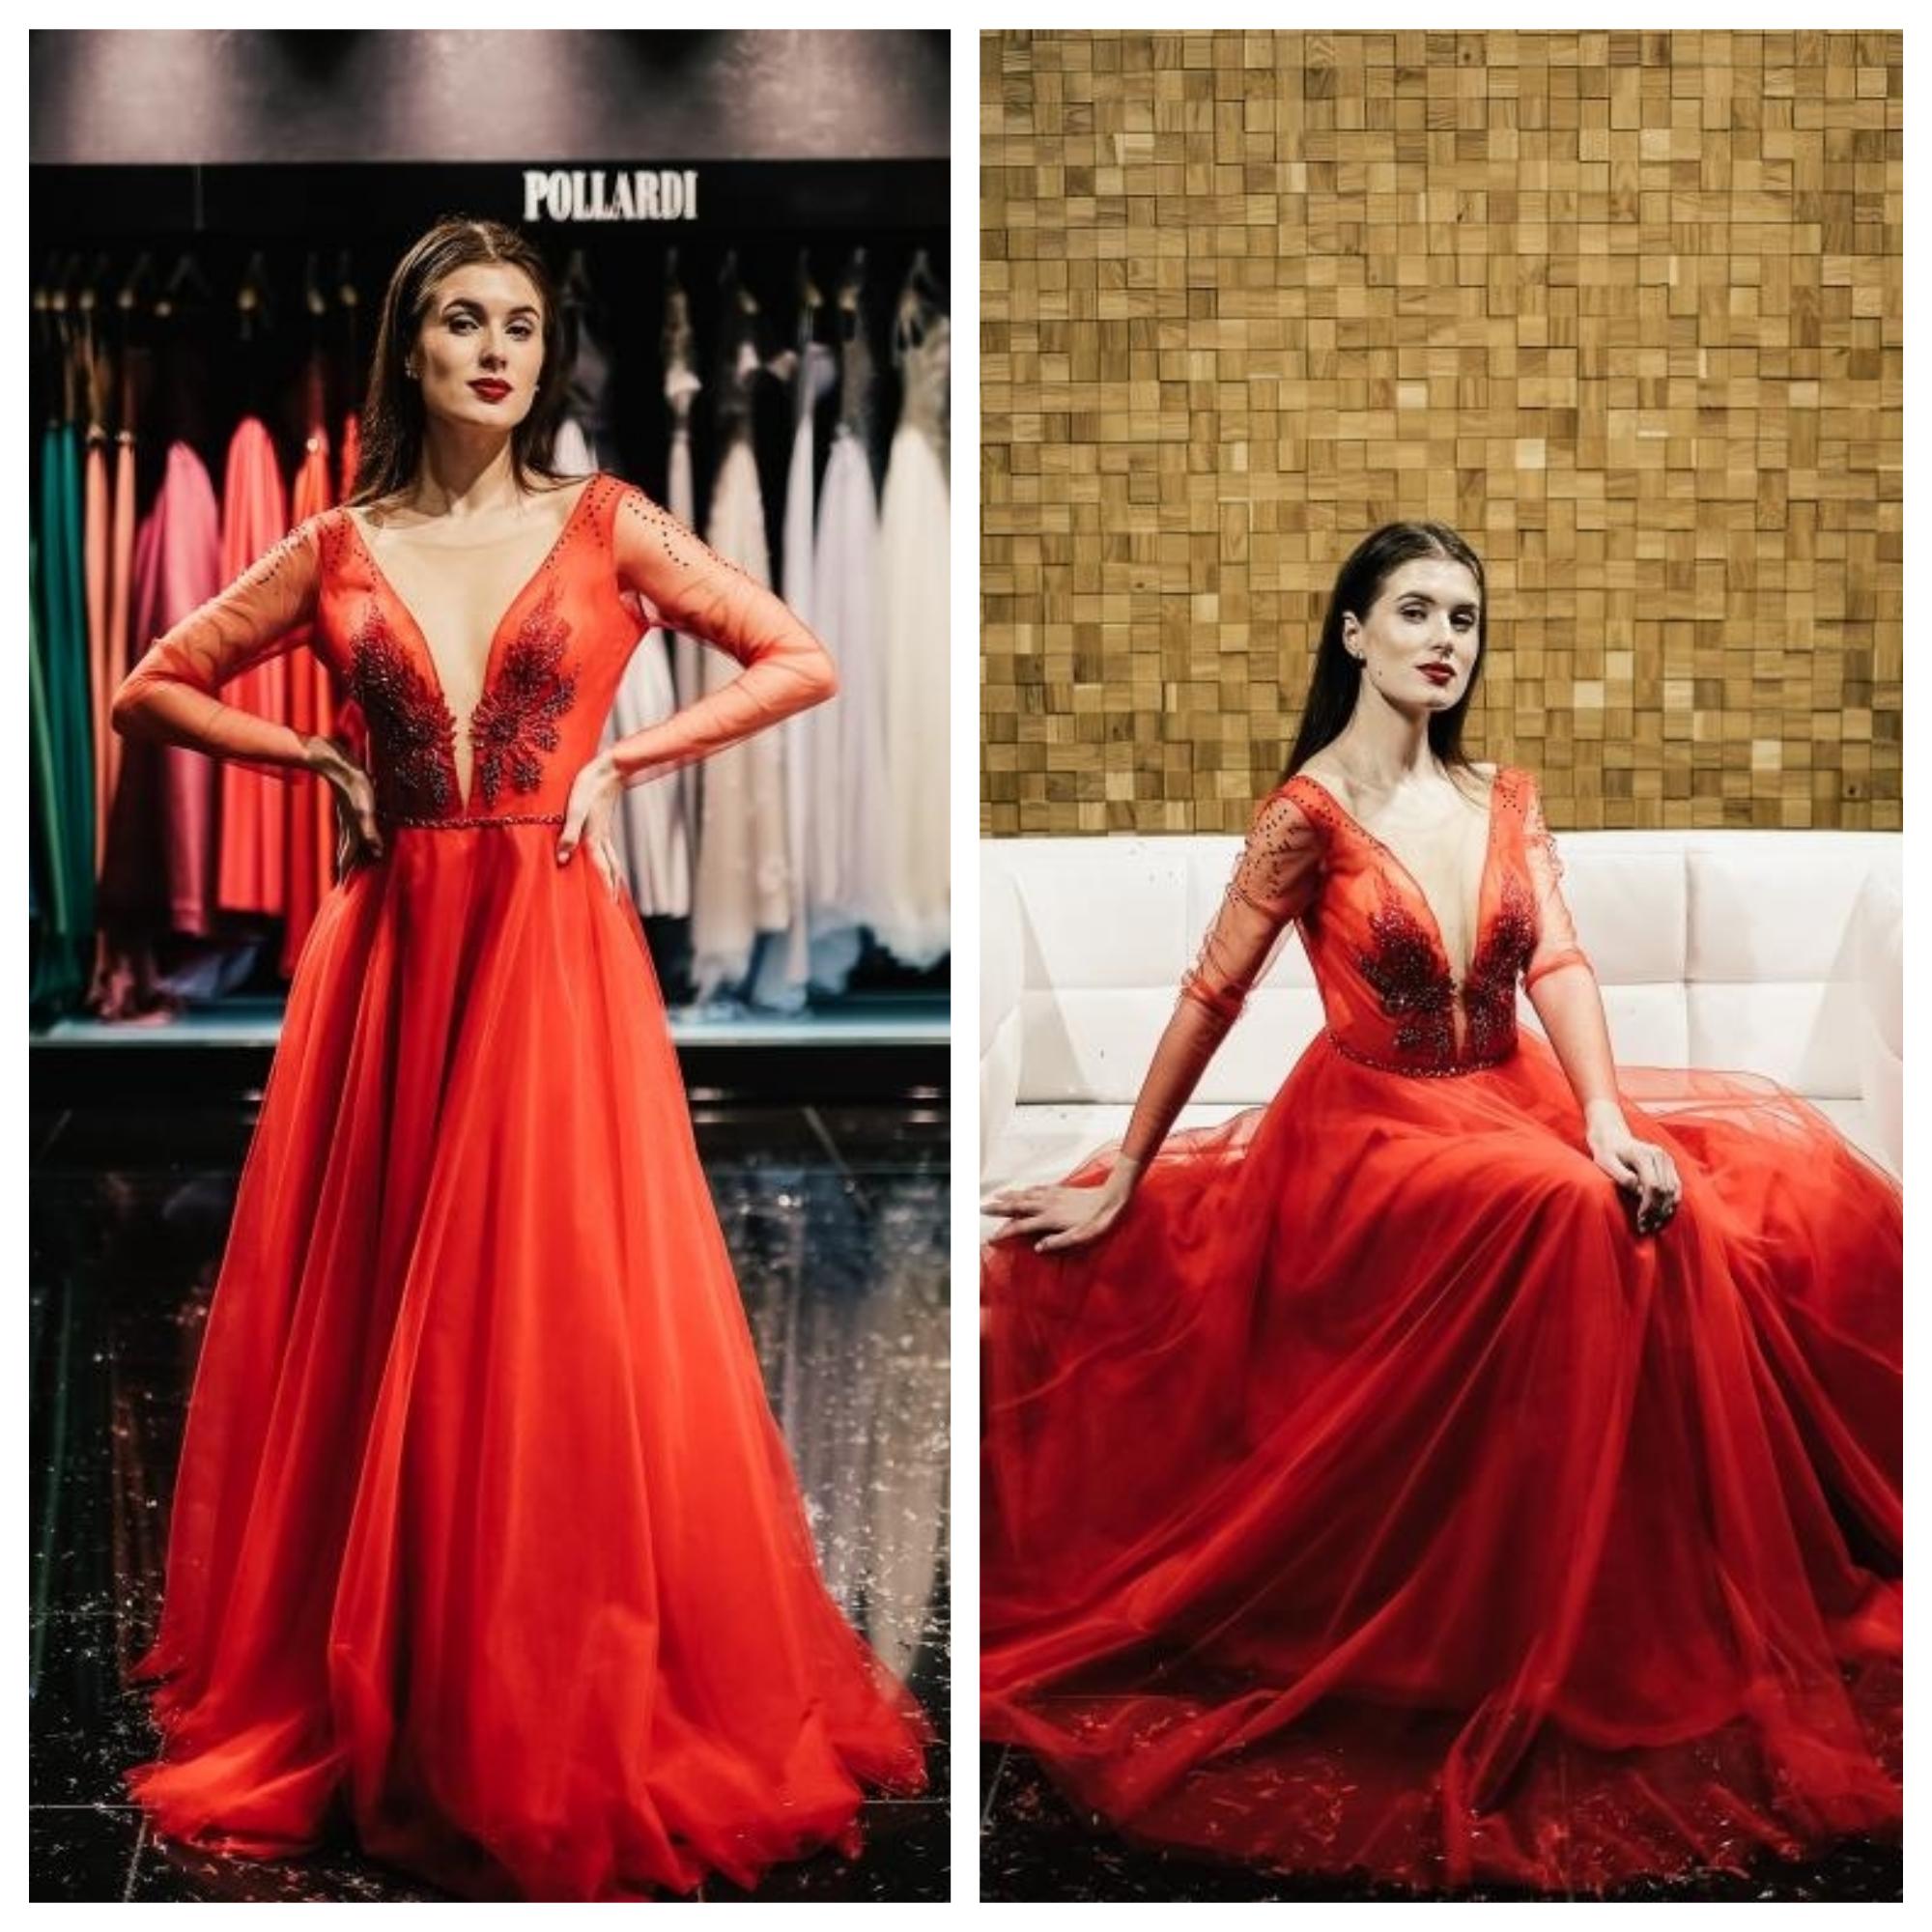 1c512e66f2a Модные вечерние платья – выполненные из благородного атласа с красивым  металлическим блеском. Наряды из такой ткани будут подчеркивать красоту и  стиль их ...